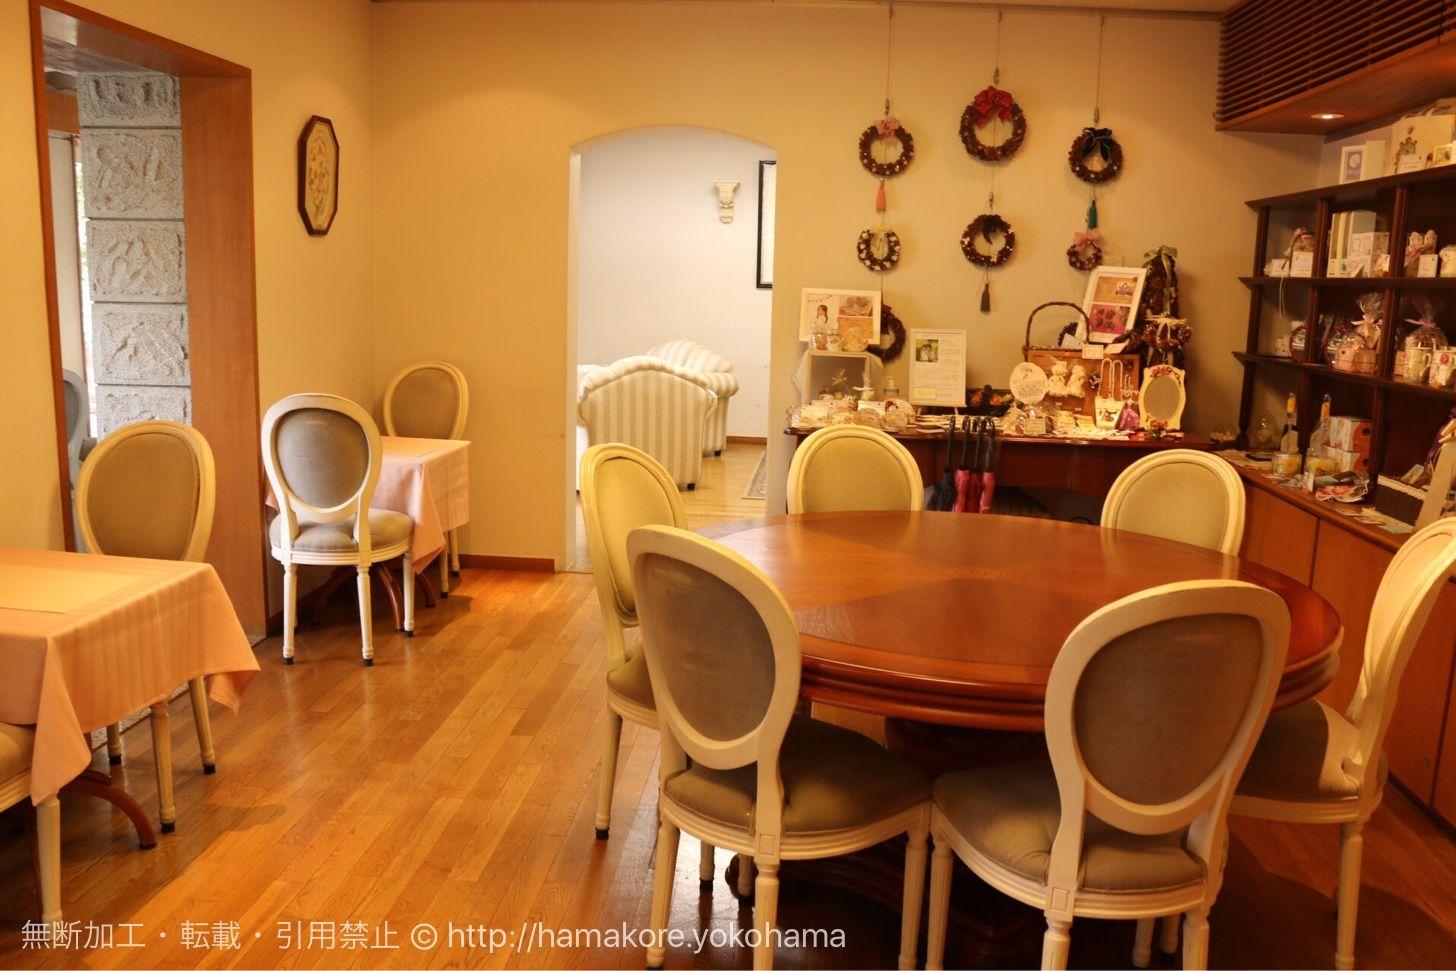 カフェ ザ ローズの店内席 カフェ 横浜 カフェ 横浜 グルメ